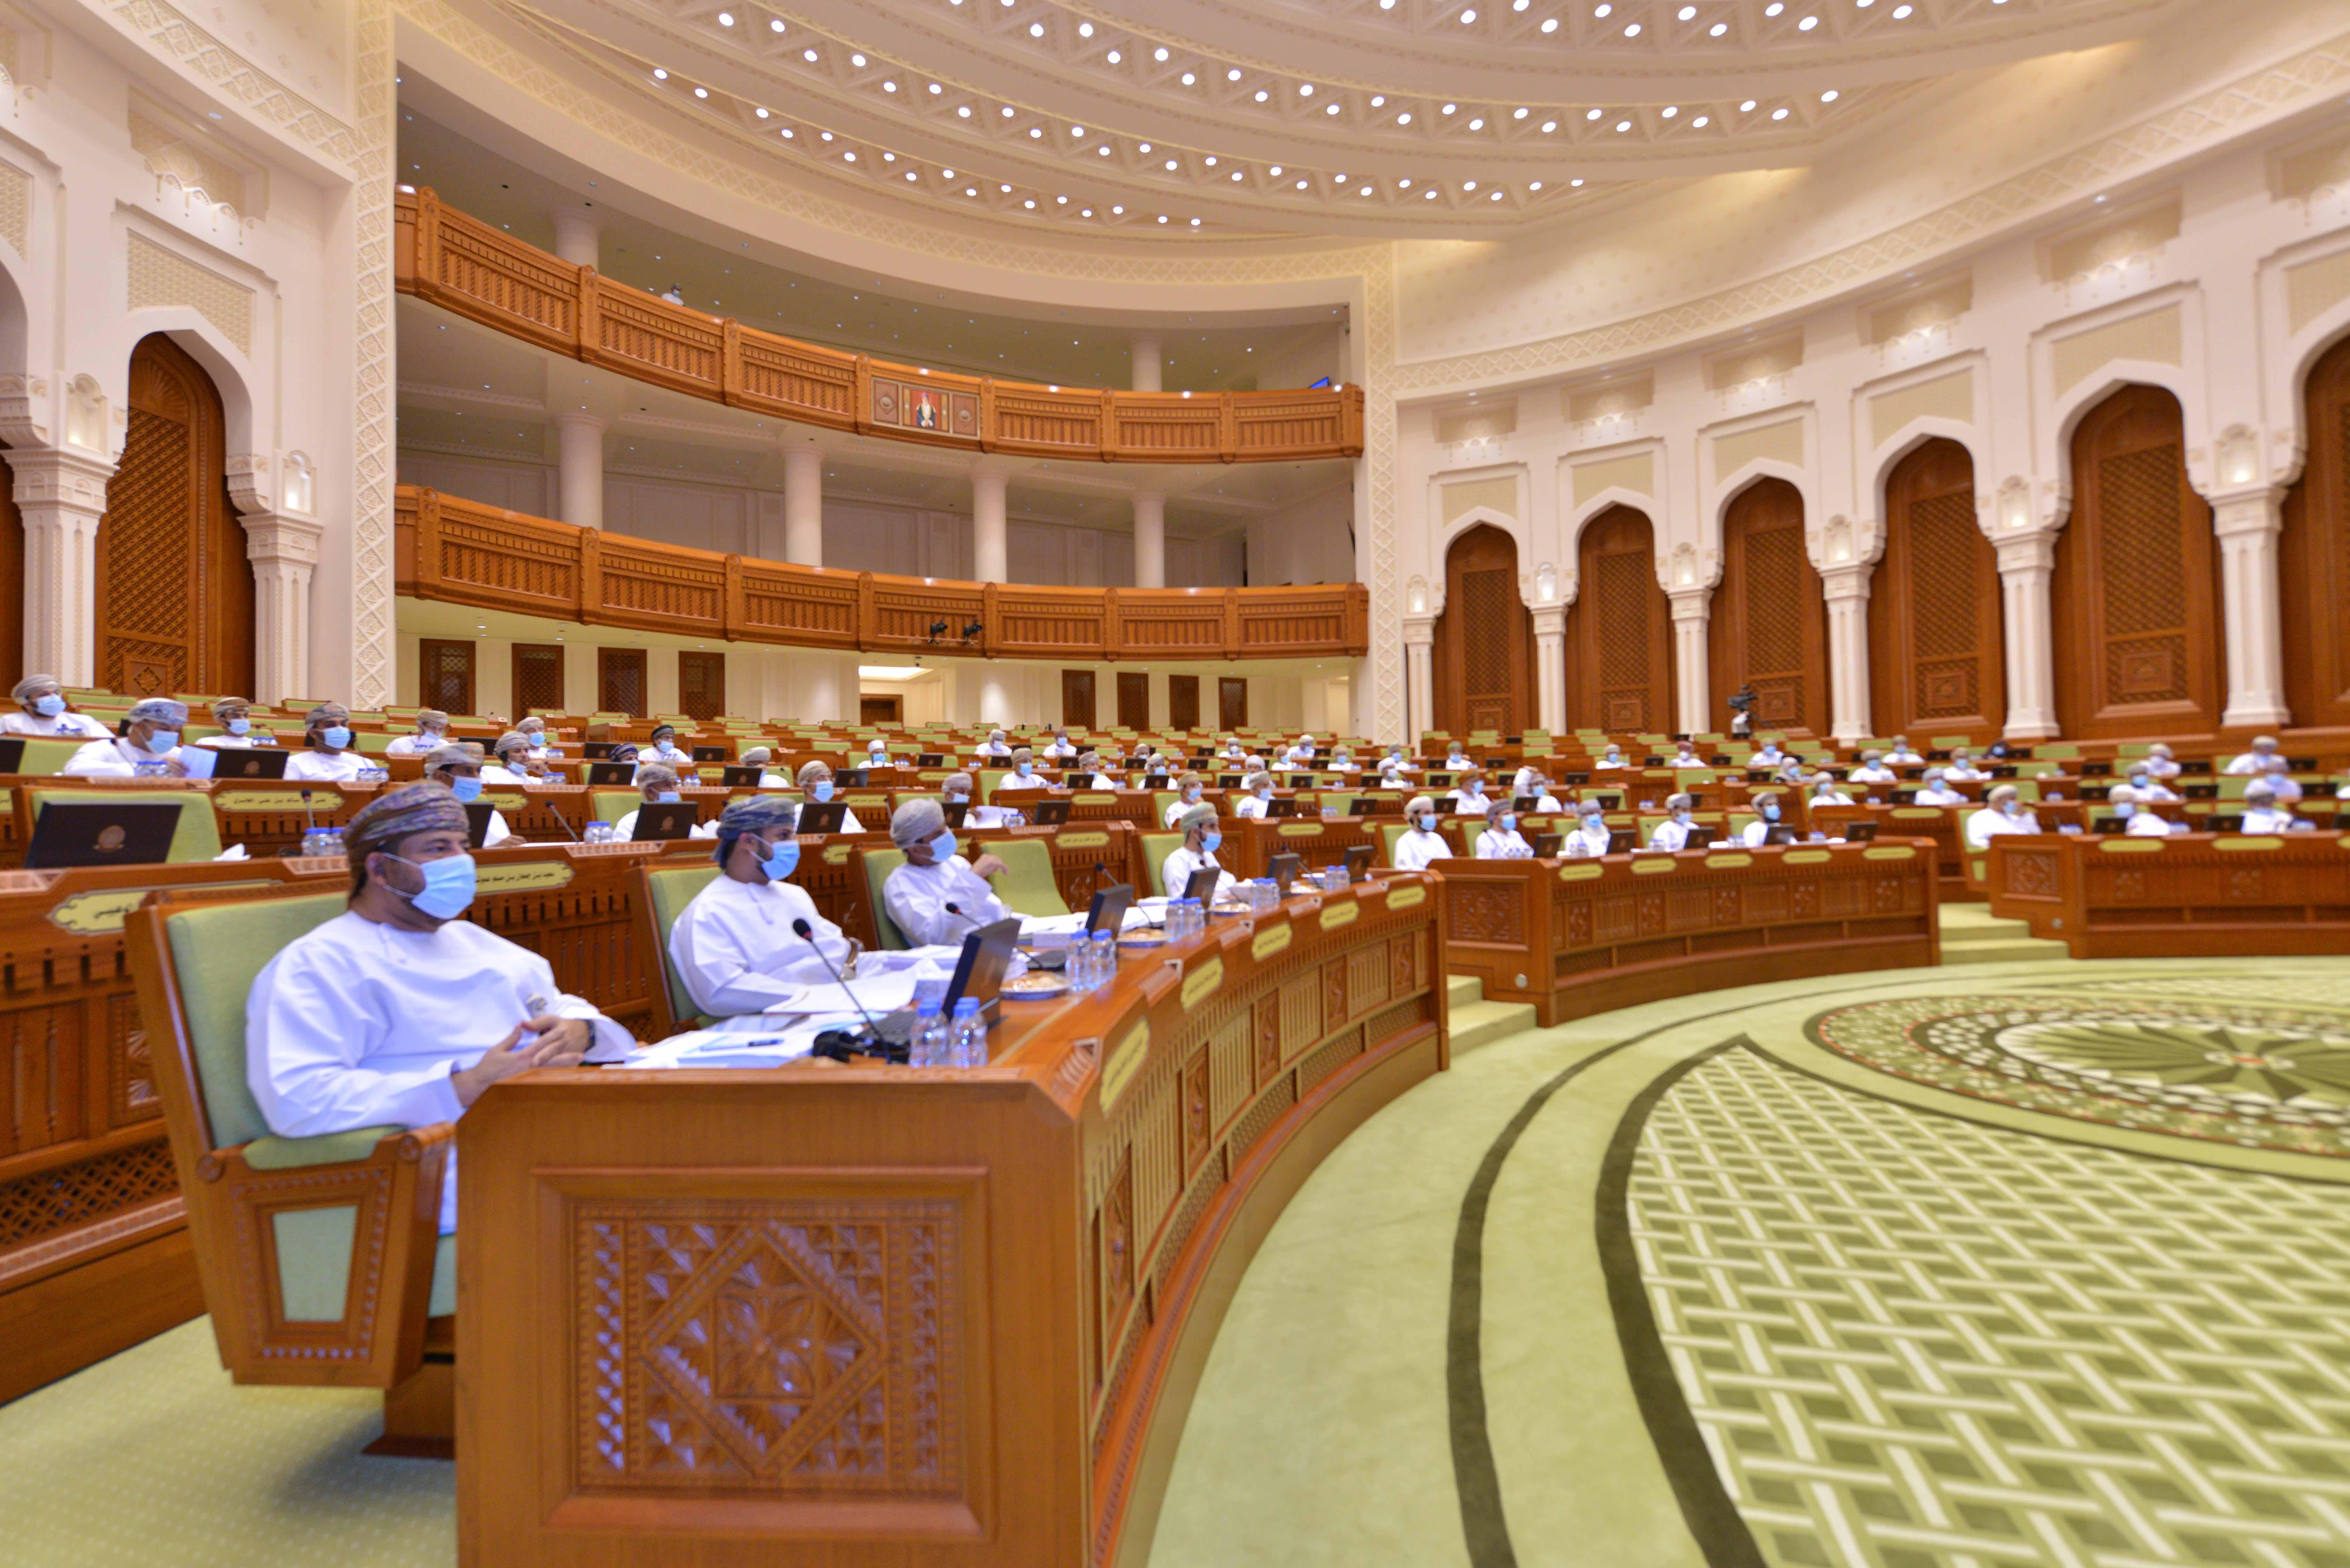 مجلس الشورى يناقش قانون الضريبة المضافة المحال من مجلس الوزراء